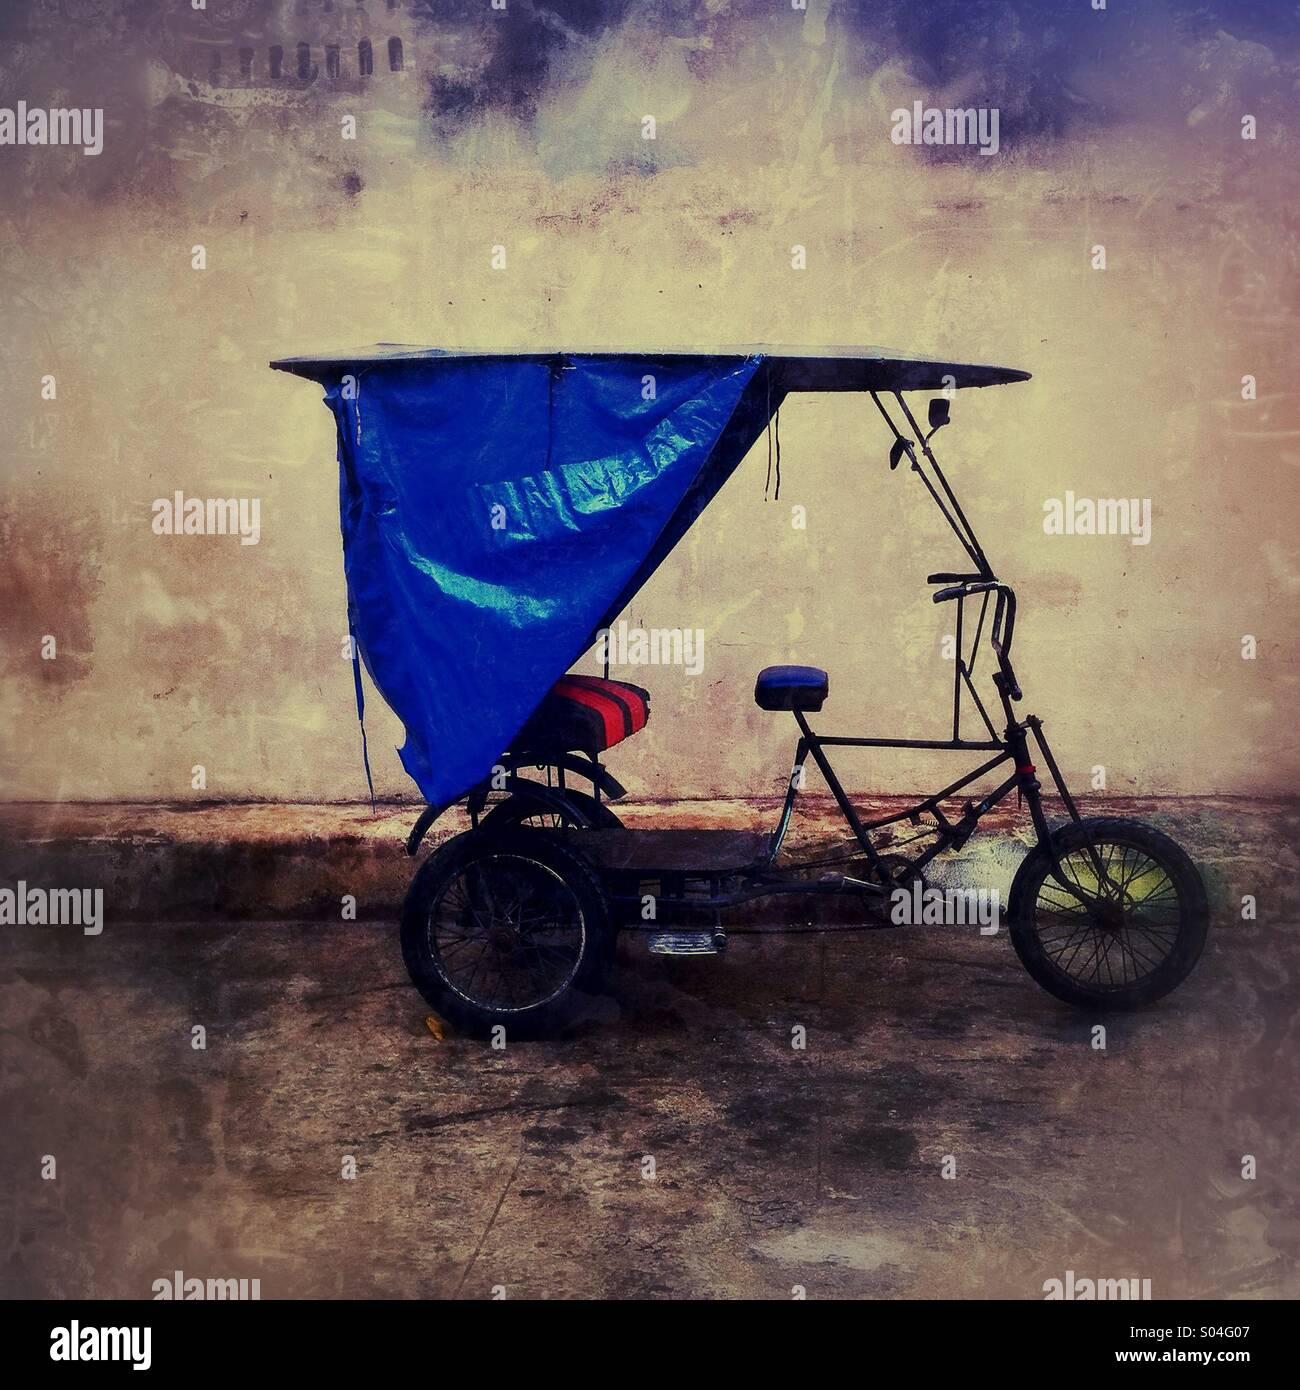 Fahrrad-Taxi in Havanna, Kuba Stockbild